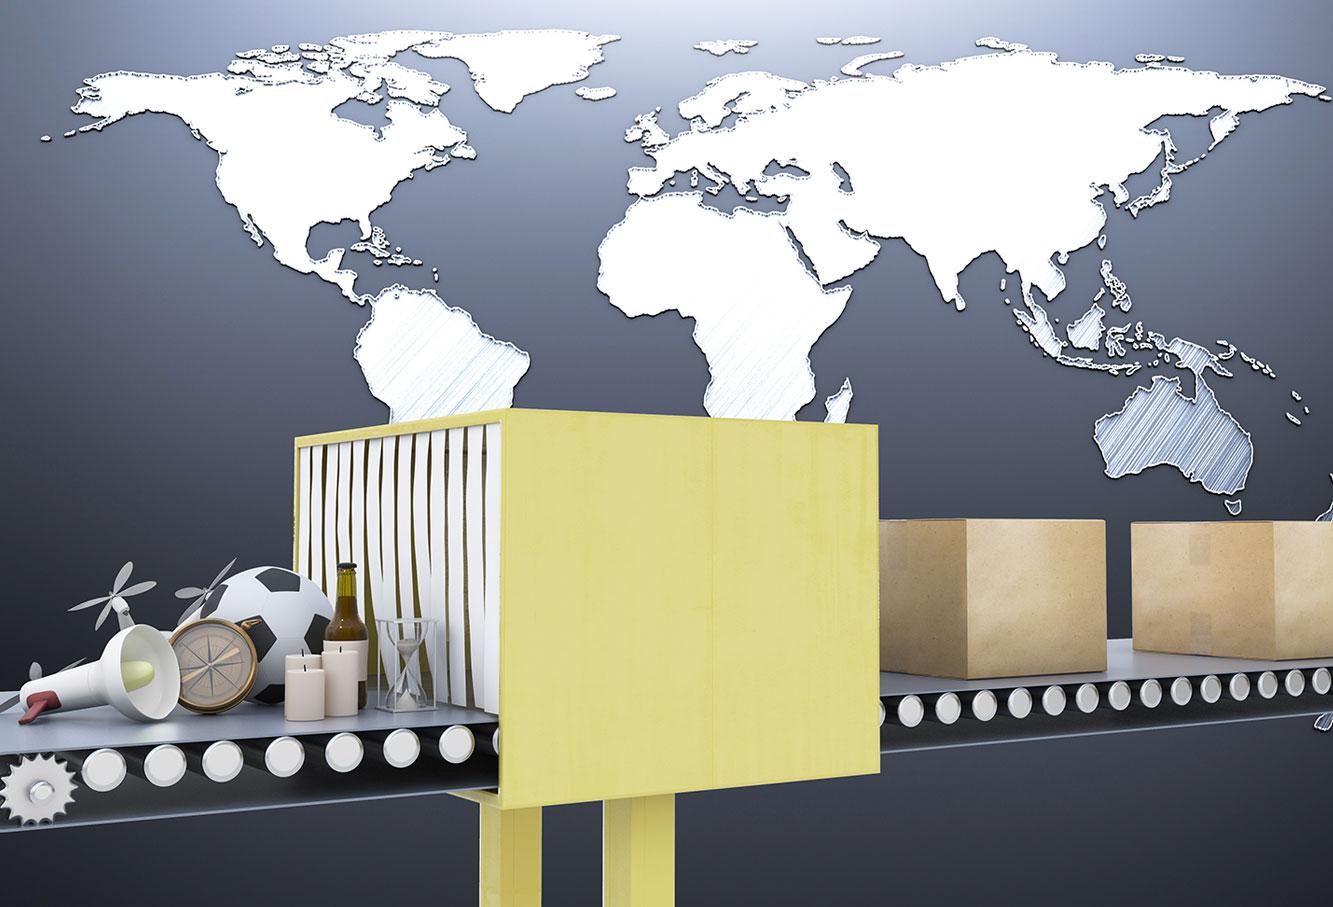 Oman Packaging Machines & Equipment - MK Packaging Industries